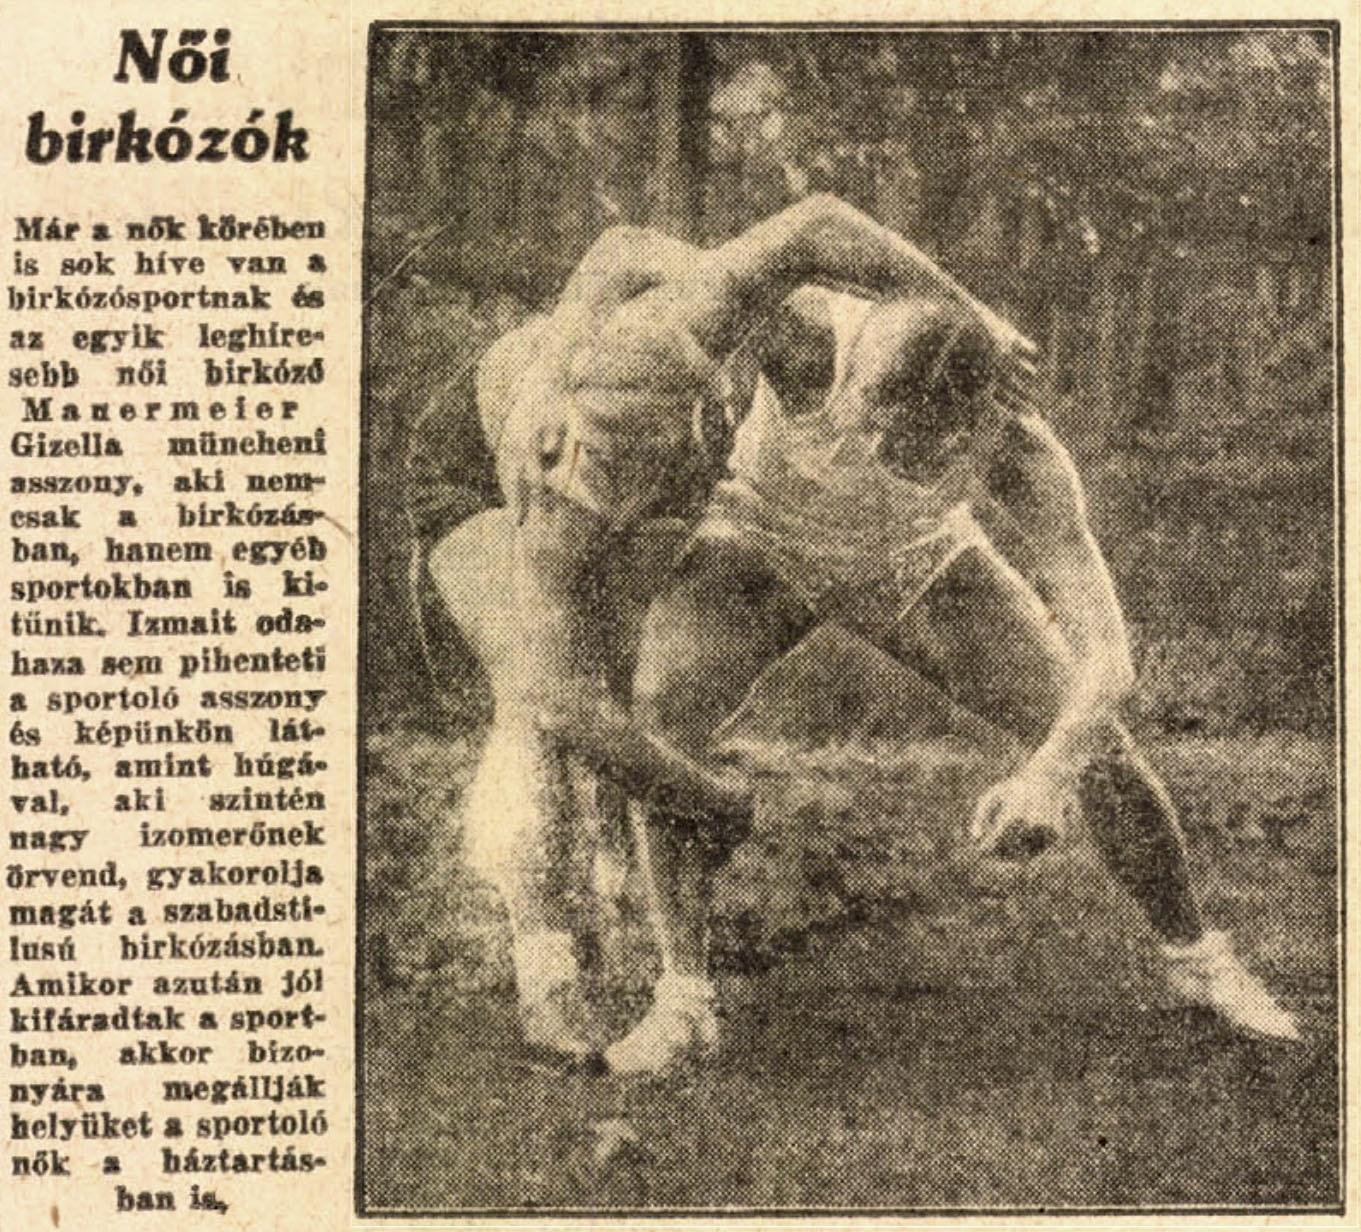 jan2-2-frissujsag_1934_11_pages262-262.jpg